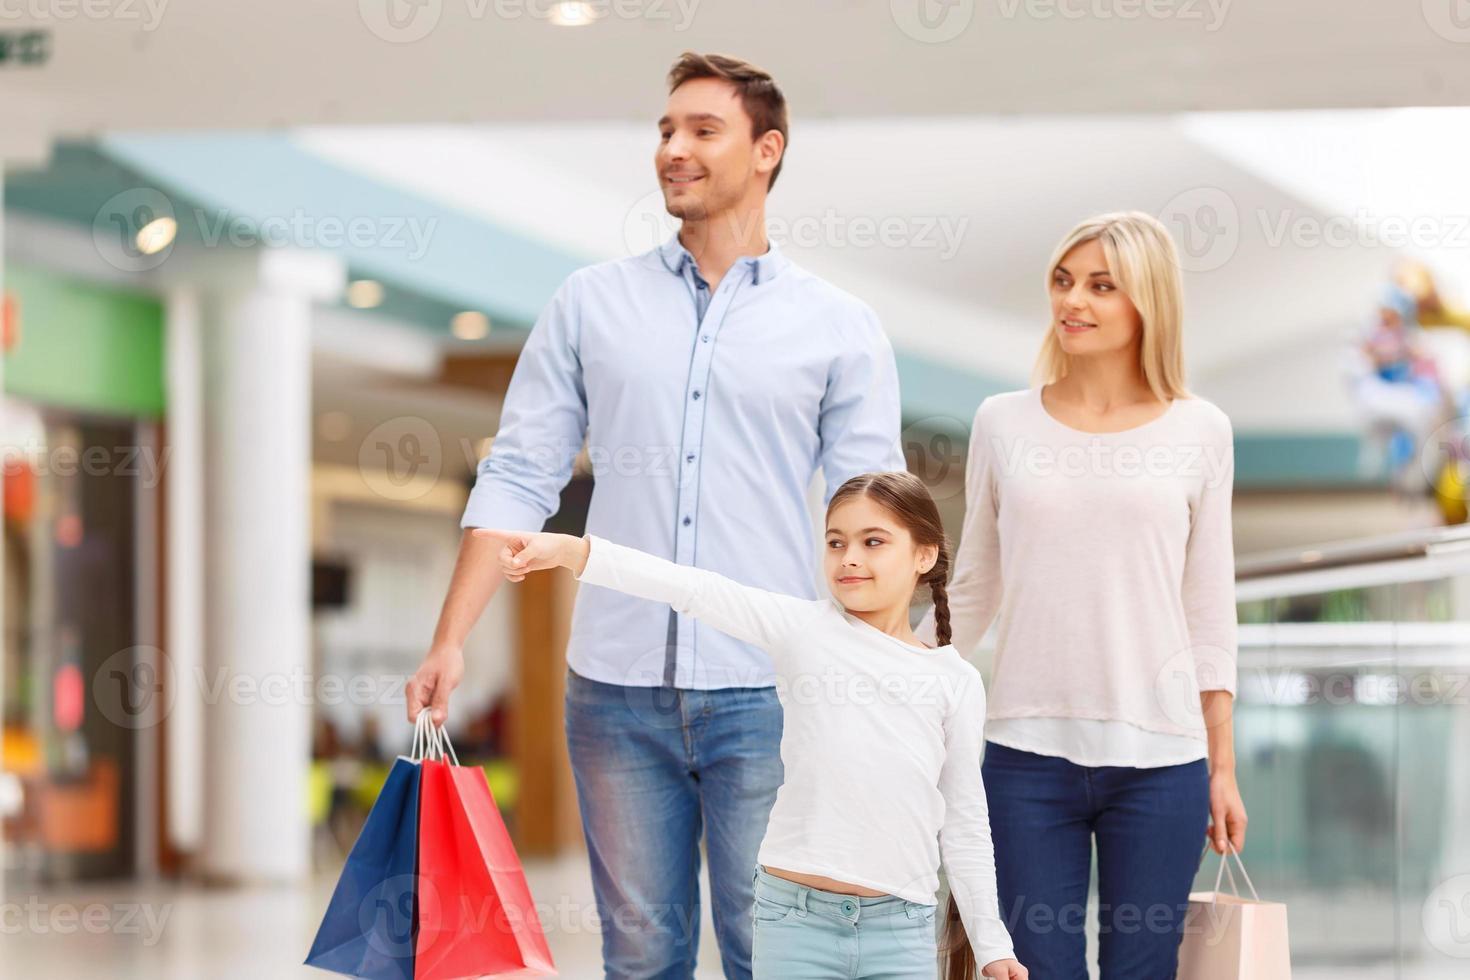 famiglia amichevole che cammina intorno al centro commerciale foto